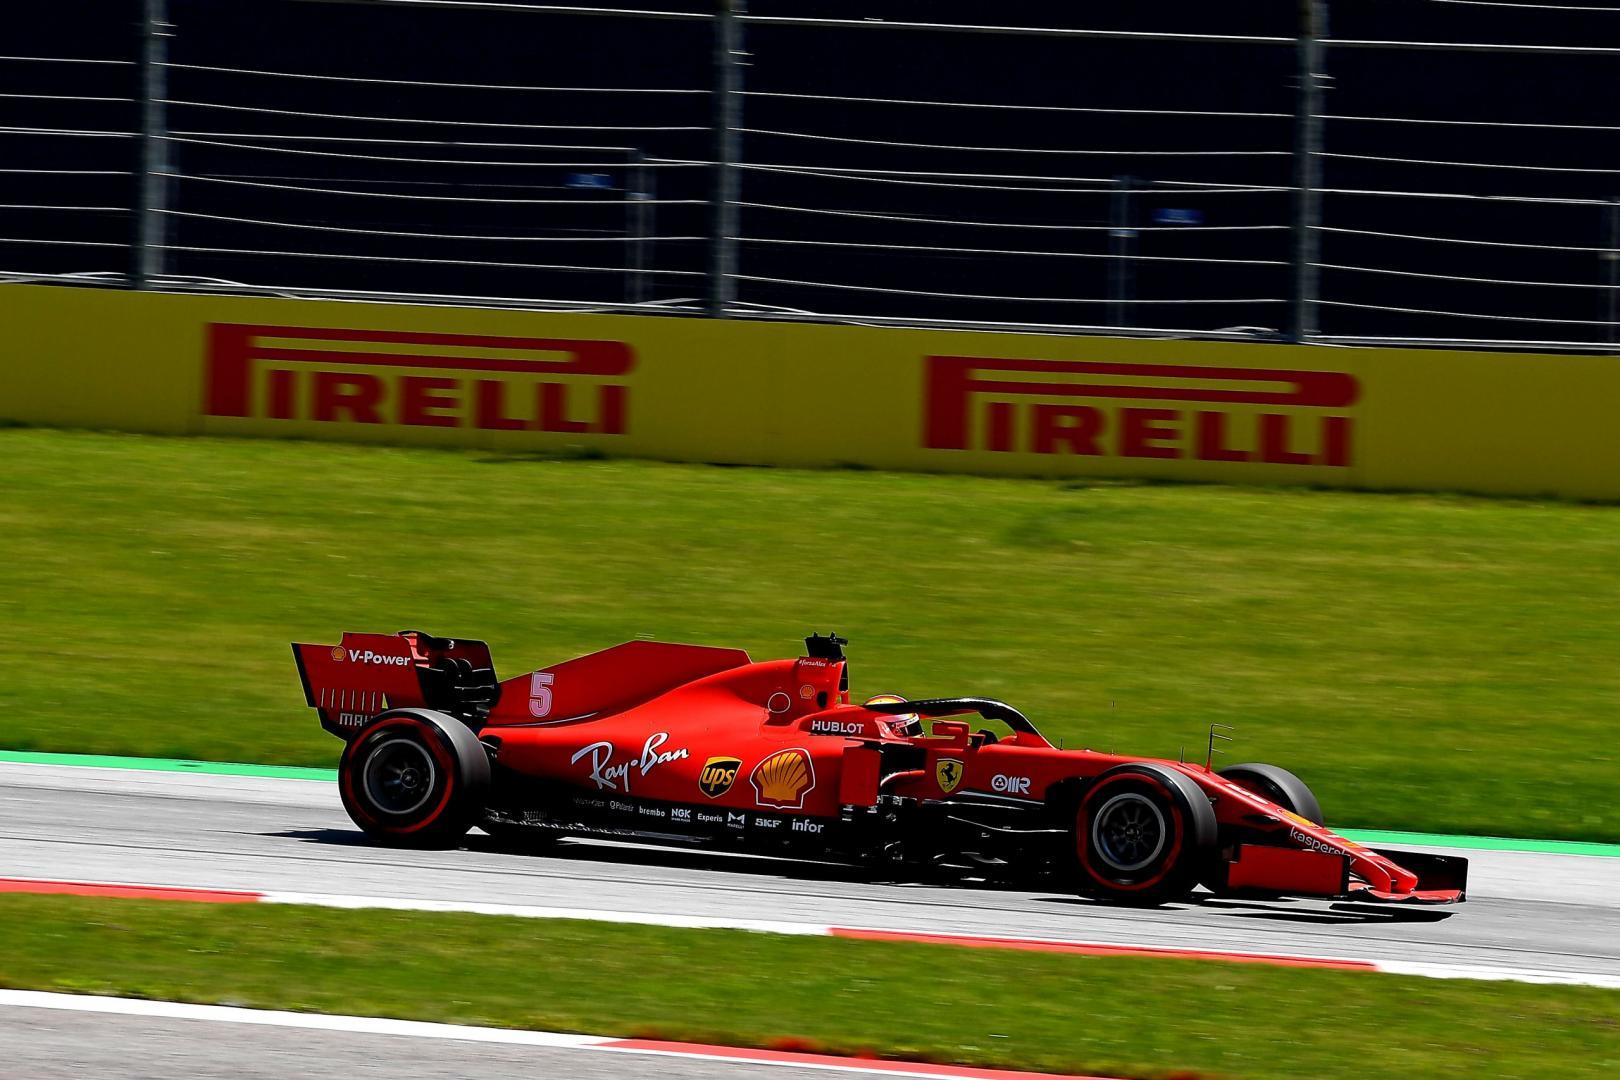 Uitslag van de tweede GP van Oostenrijk 2020